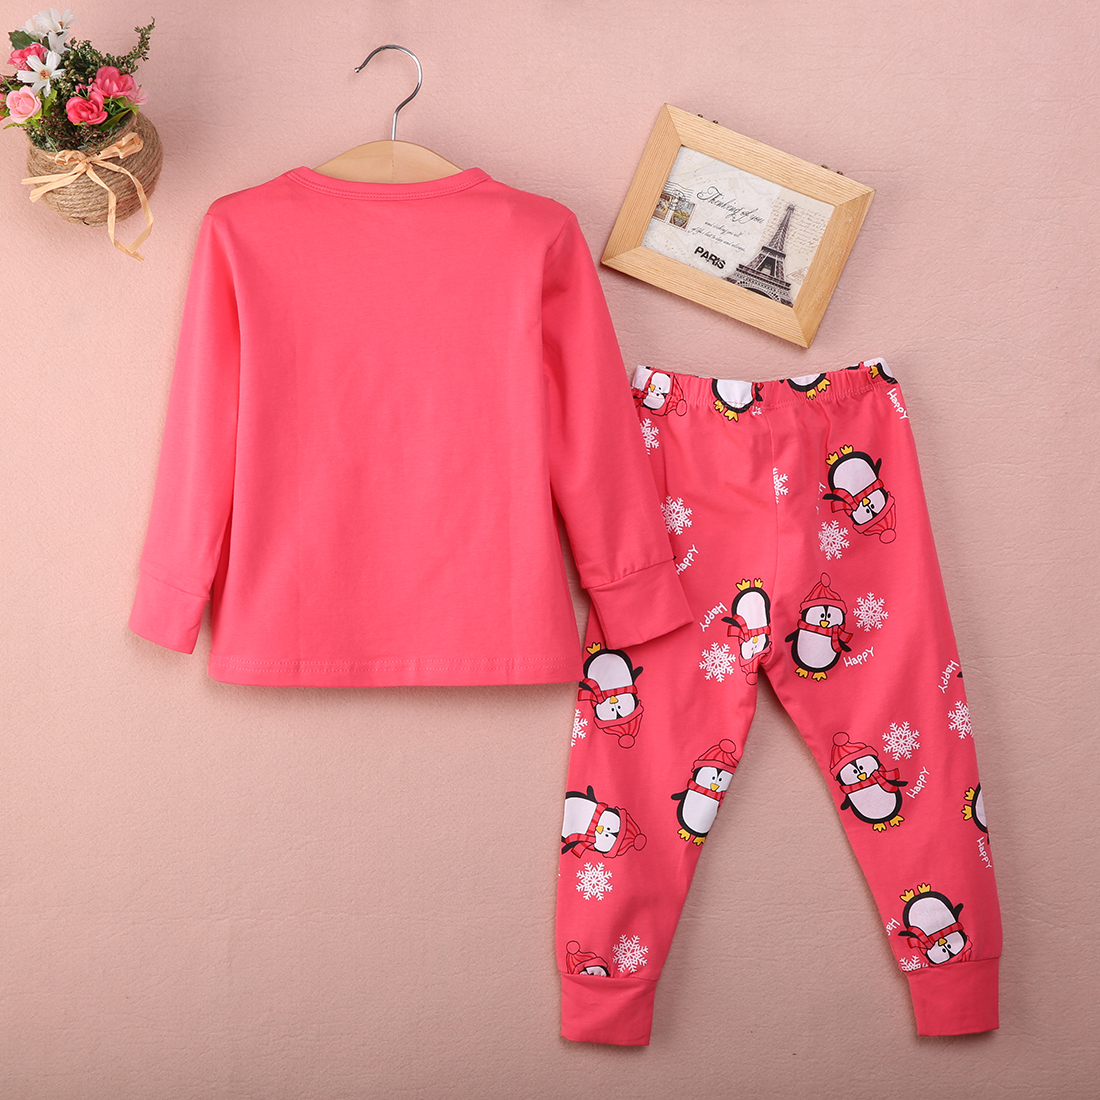 Baby Girls Kids Children Clothing Set Pajamas Sleepwear Top Pants Nightwear Pink